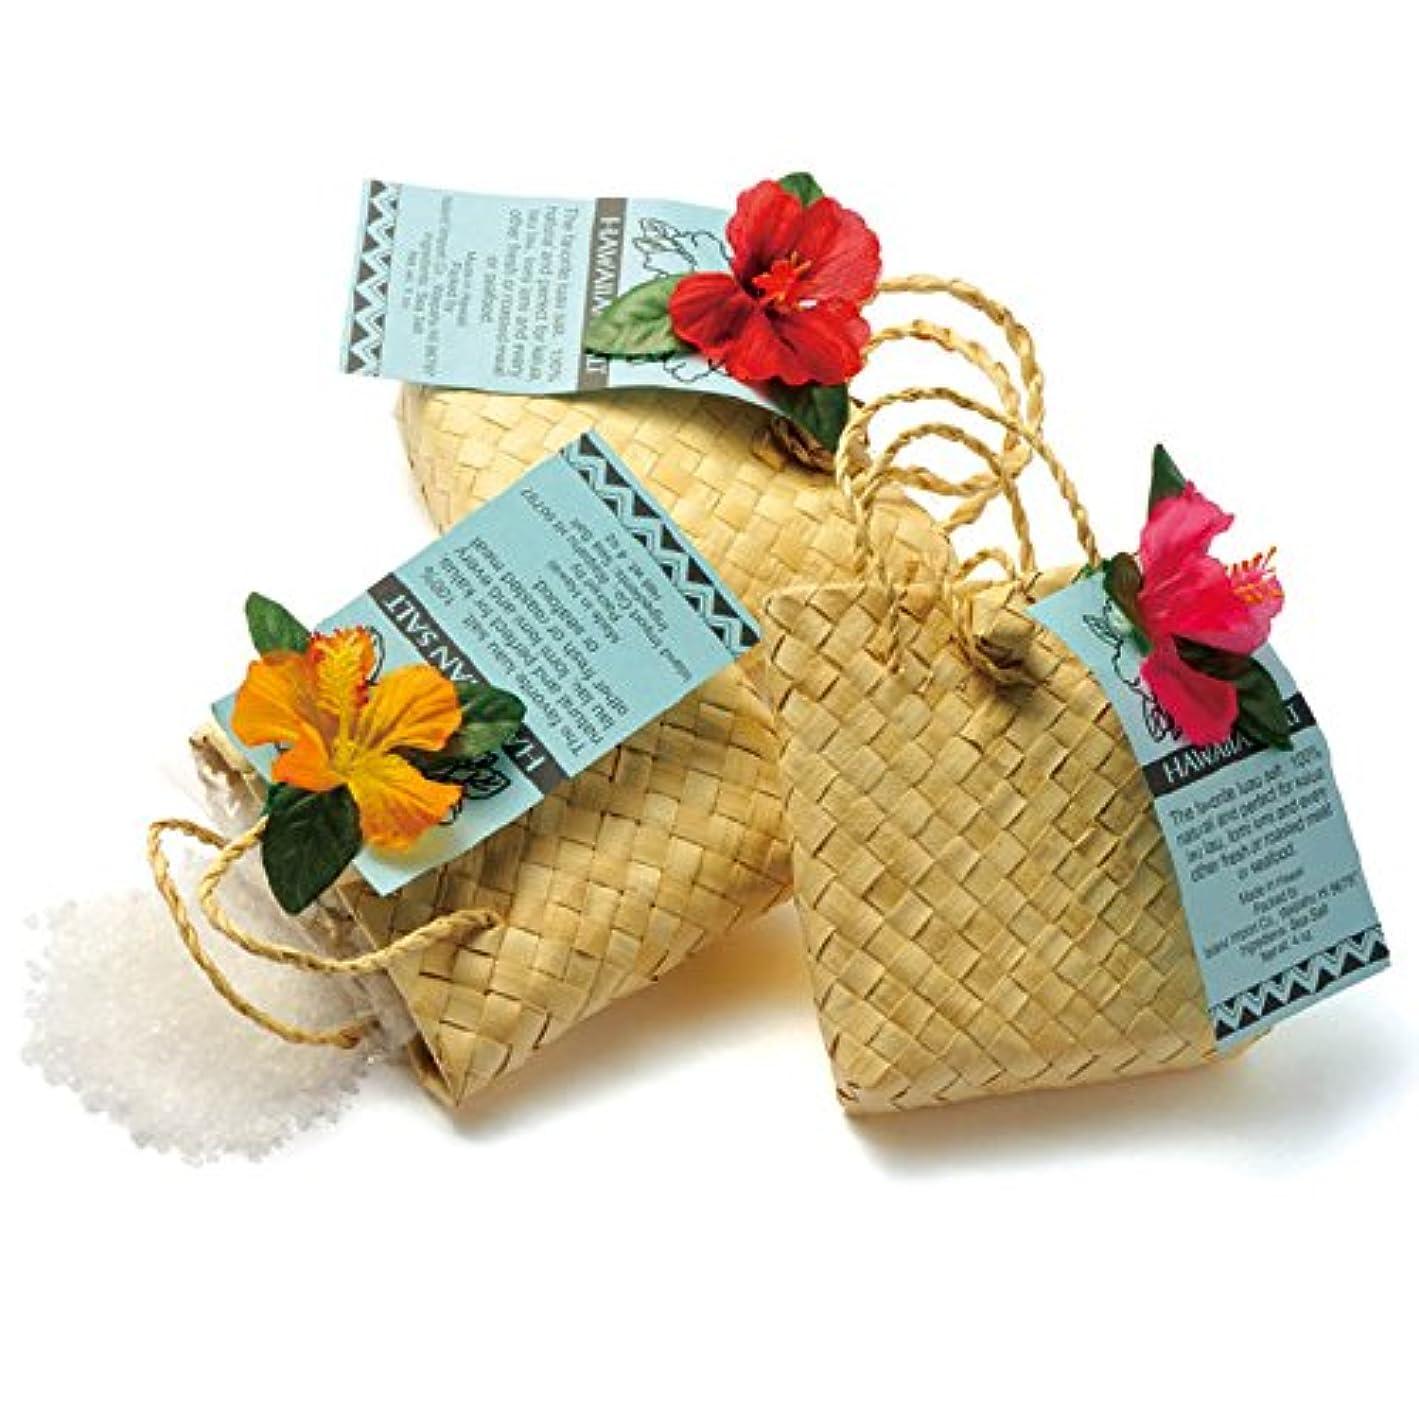 フルーツ借りている珍しいハワイ 土産 ハワイ ソルトバッグ入り 3袋セット (海外旅行 ハワイ お土産)